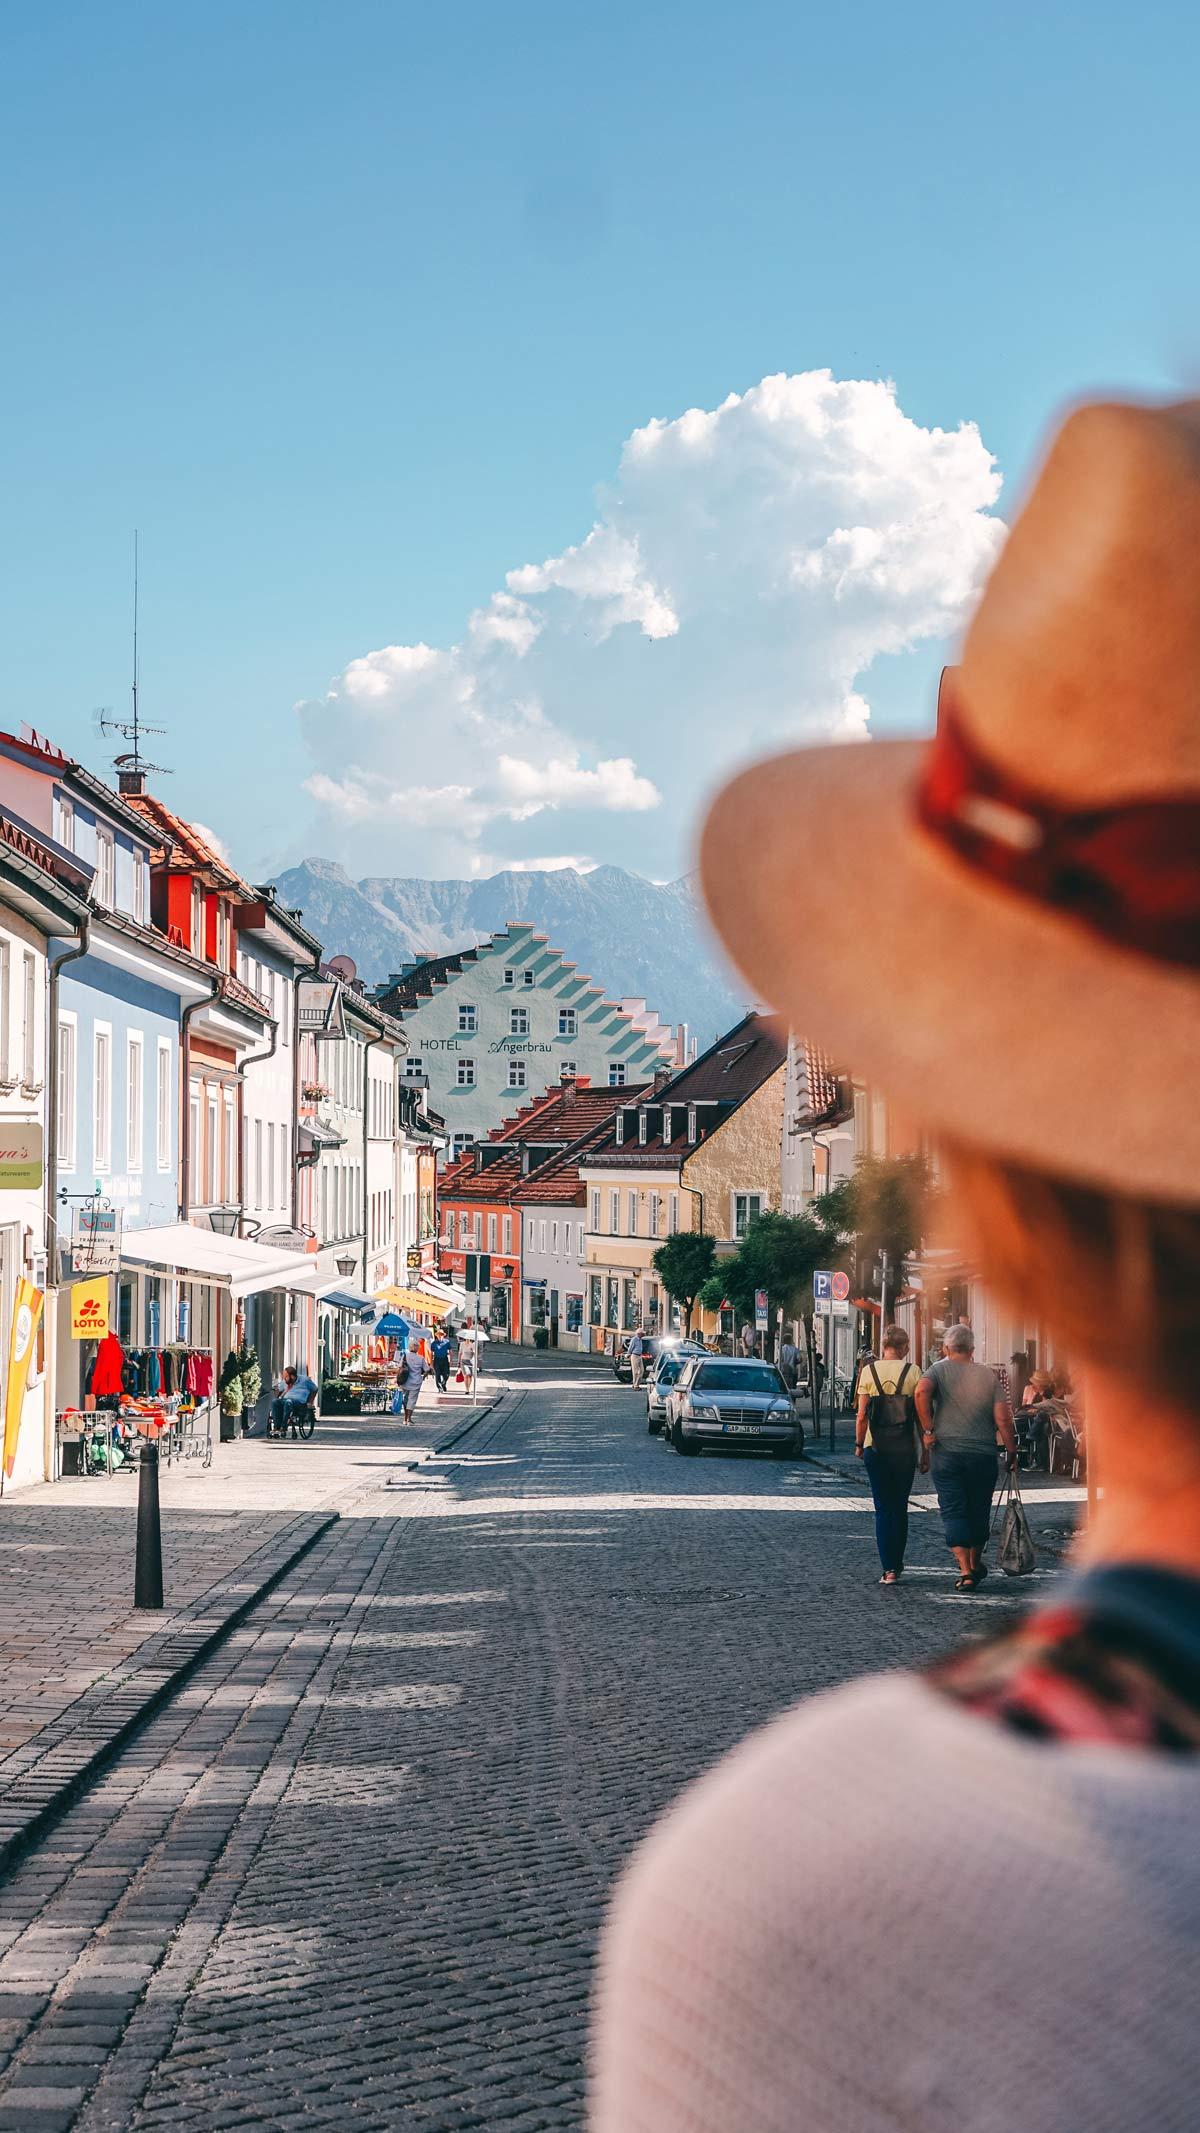 Murnau Altstadt